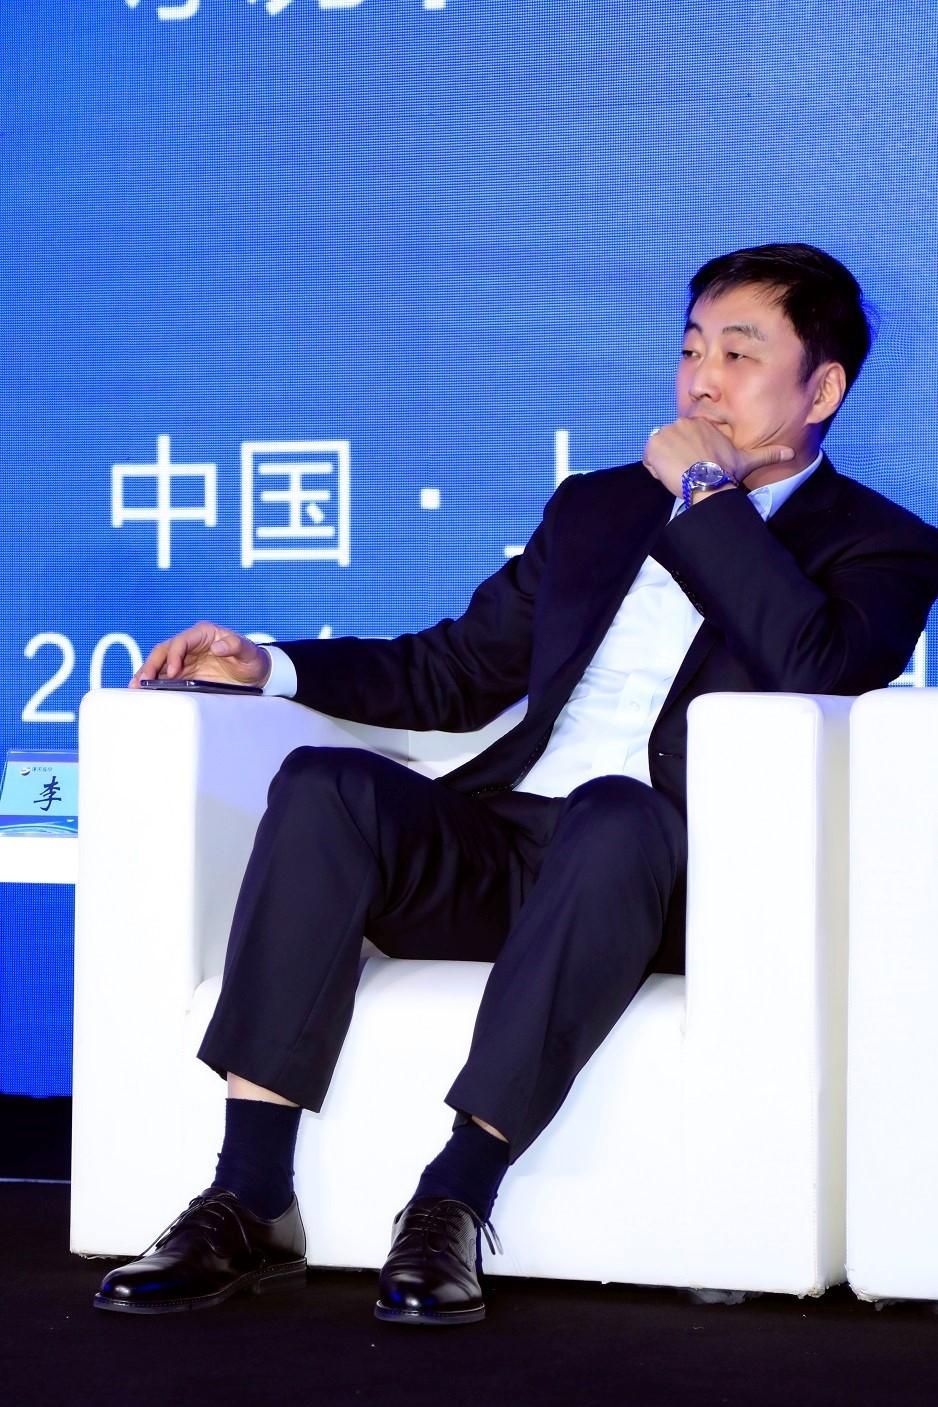 舍得酒业总裁李强:舍得酒业正式确立老酒战略,保证产品高品质